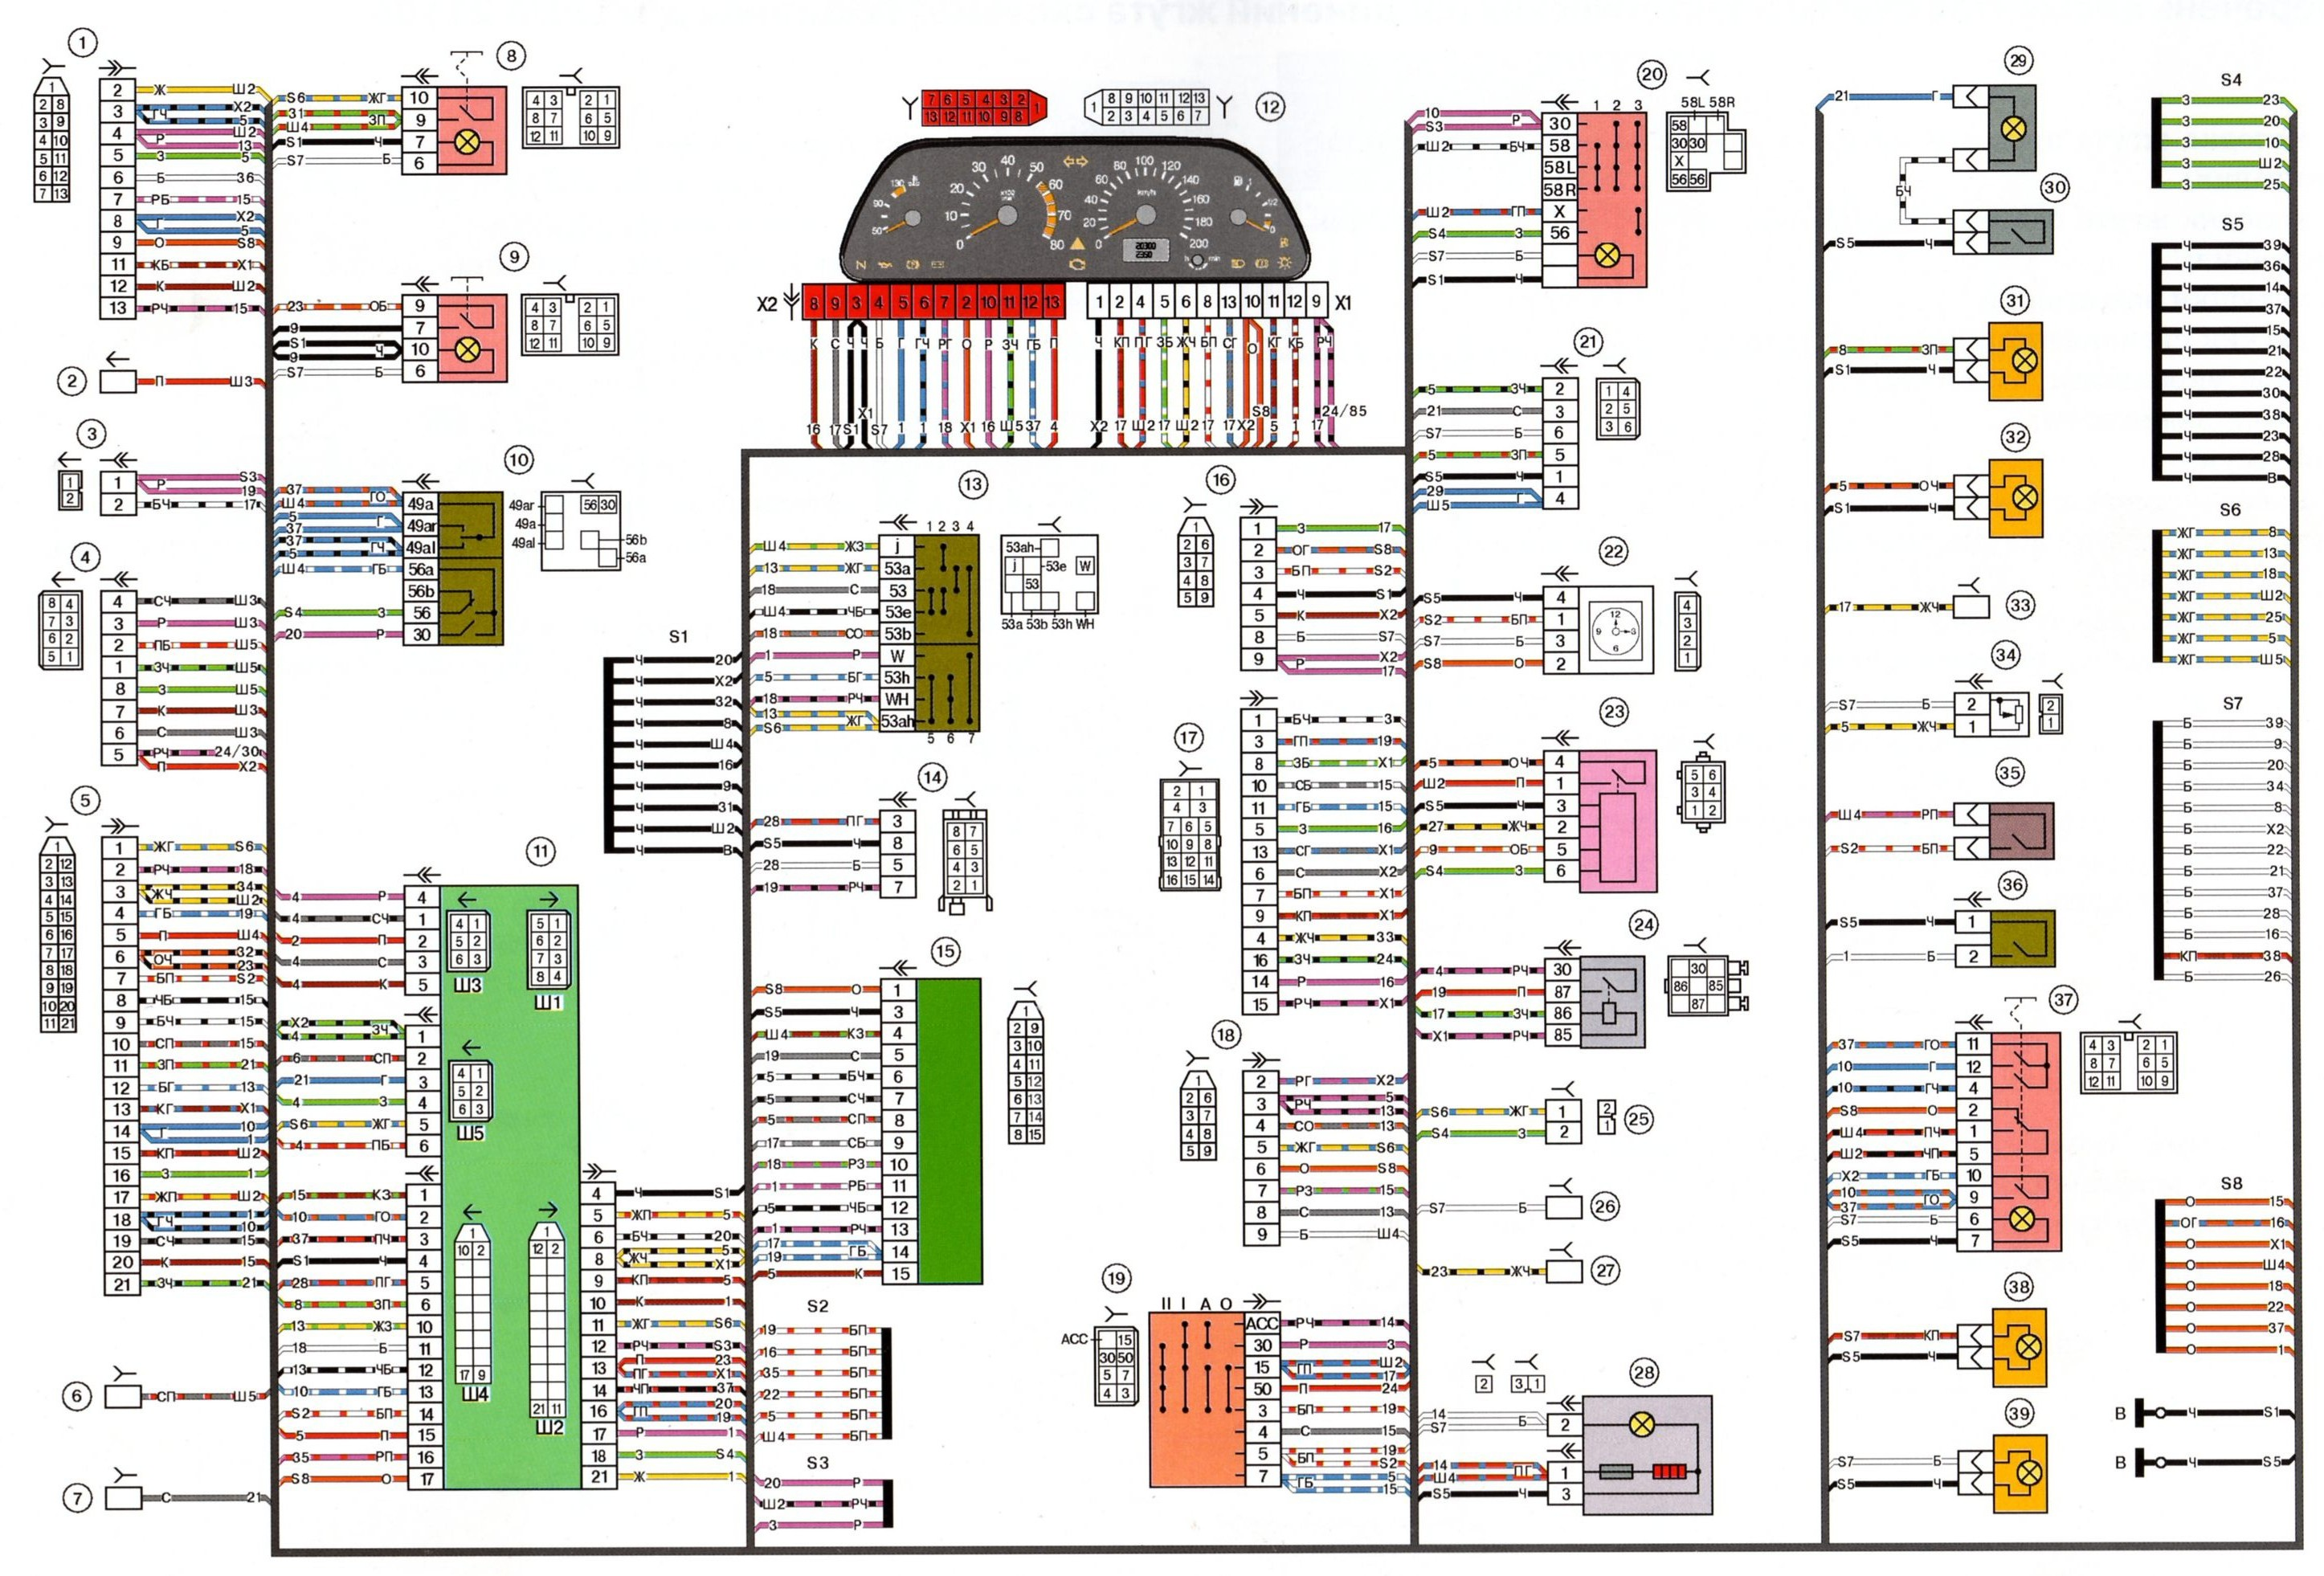 Славуты Схема ВАЗ 2105, может тоже кому - то пригодится схема электрической проводки ваз 2105 руководство по ремонту...